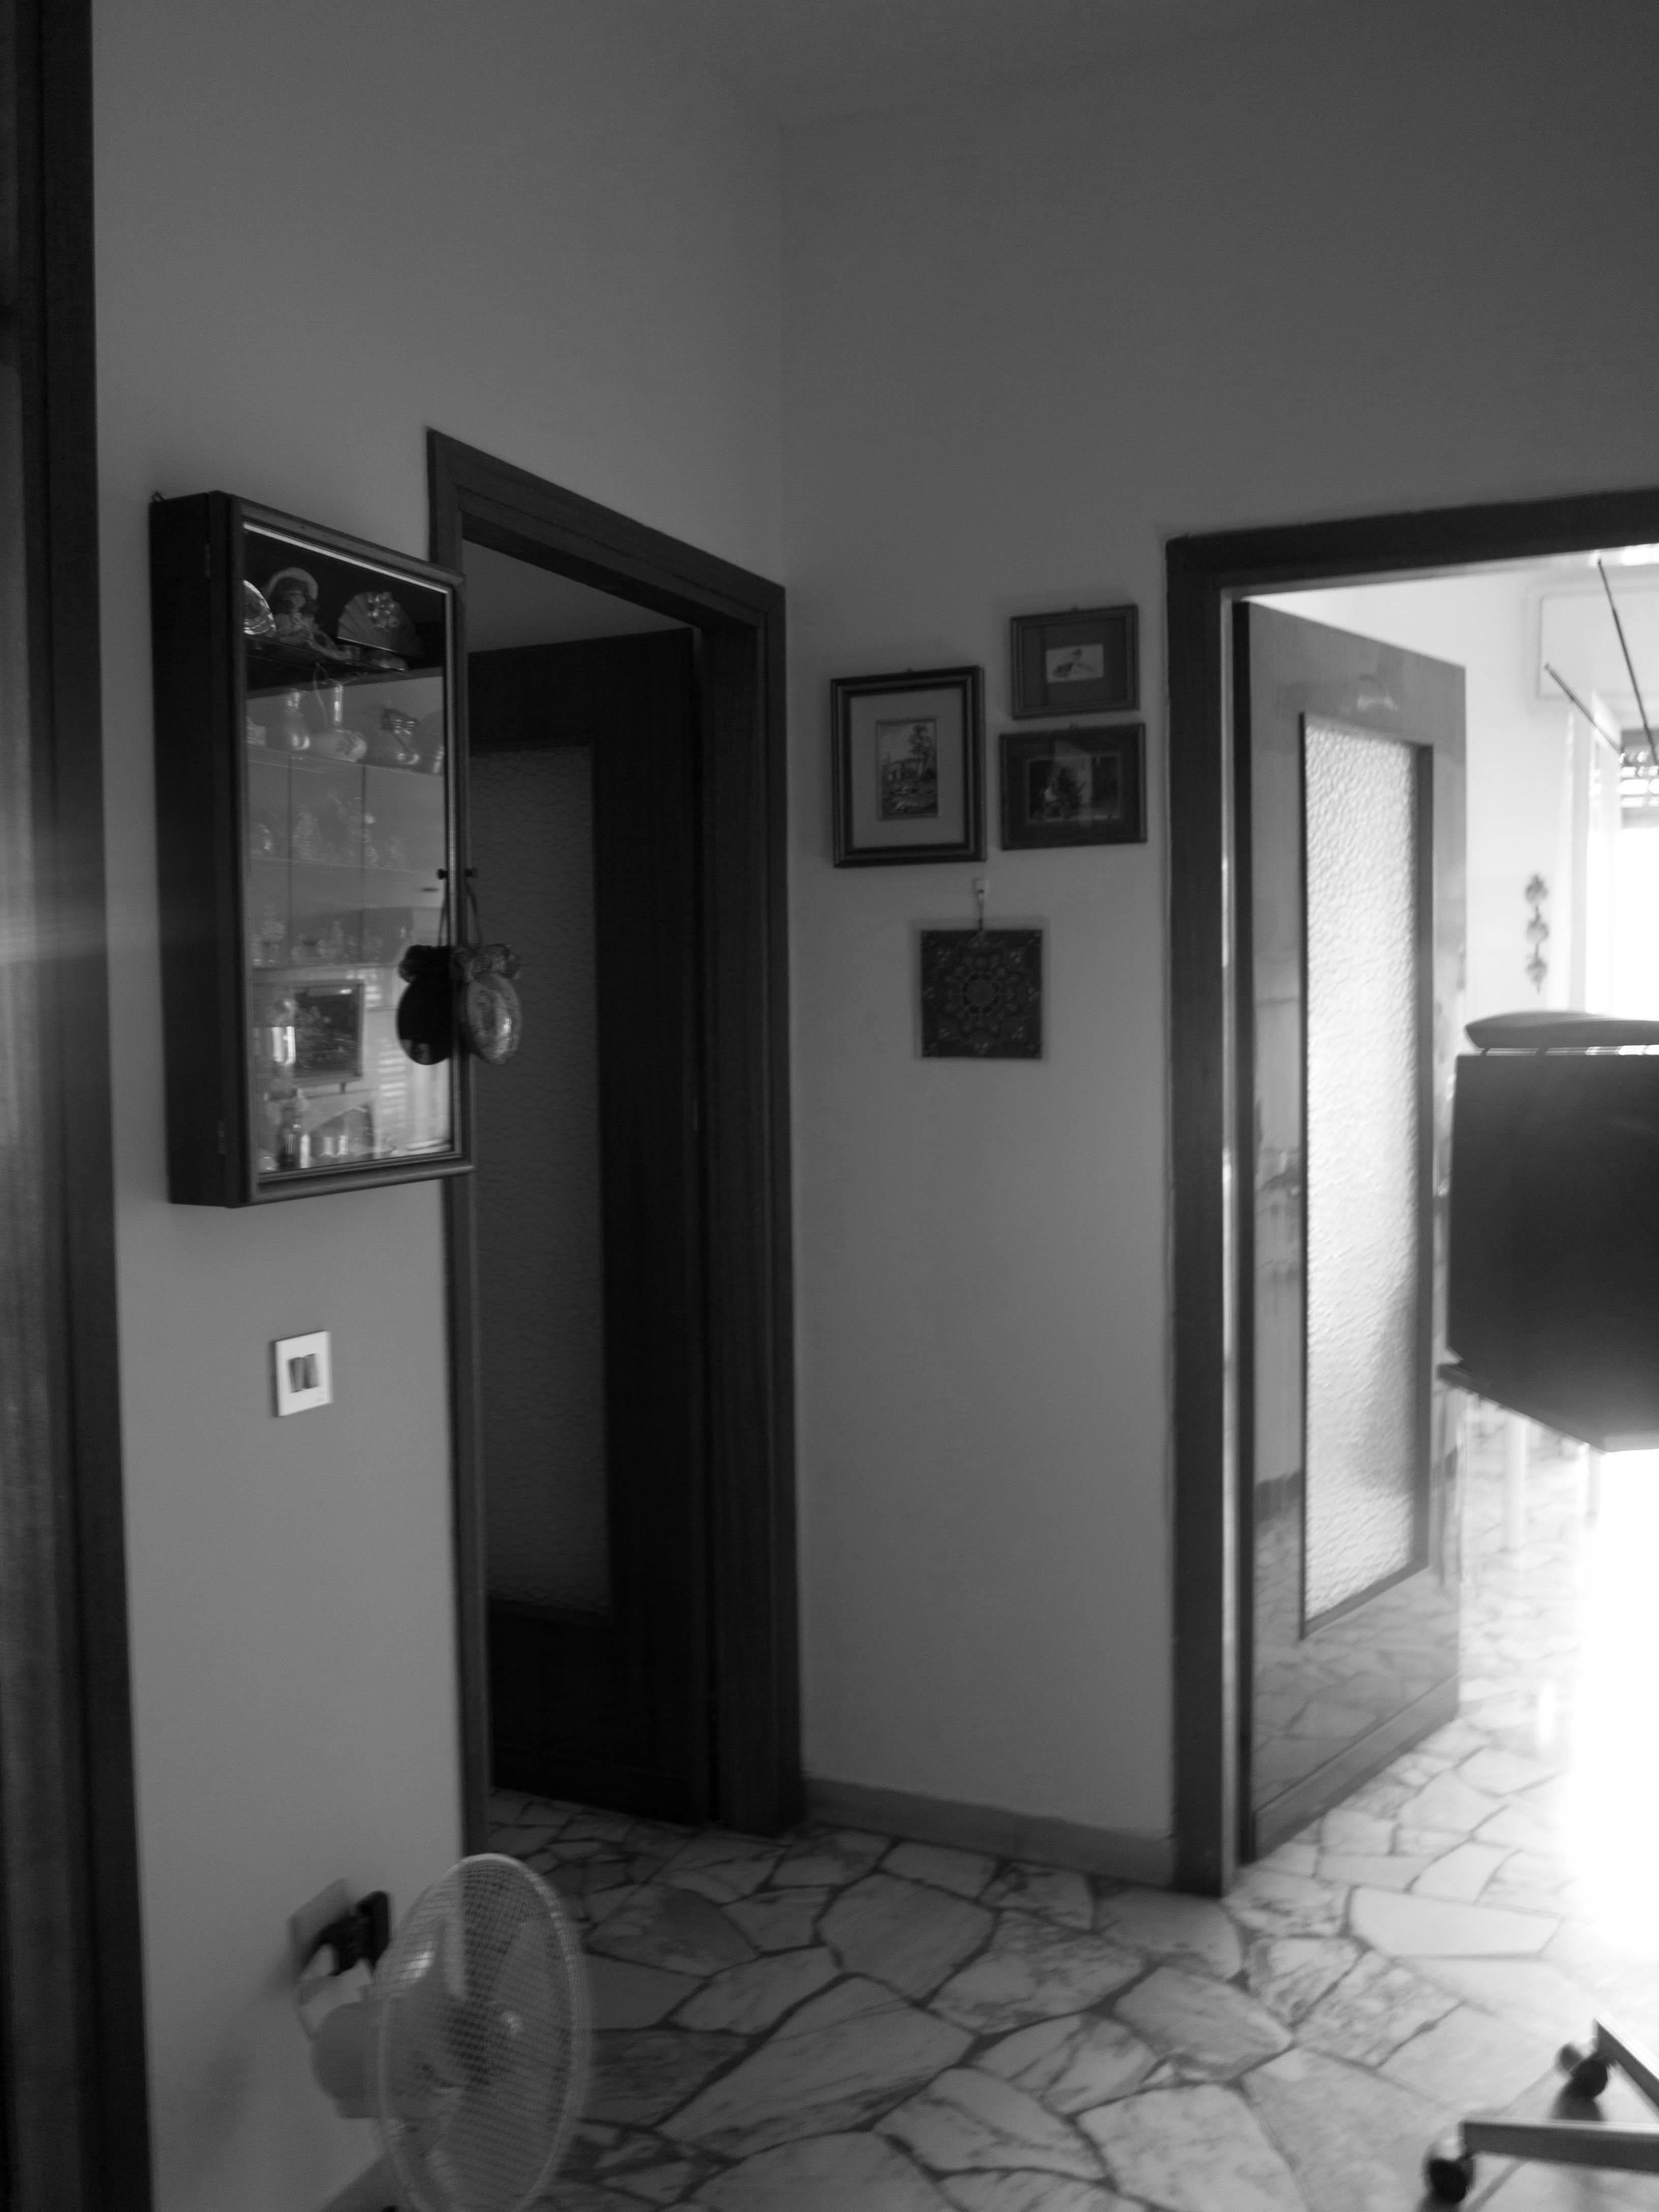 Ristrutturazione appartamento anni 70 architetto - Ristrutturazione casa anni 70 ...